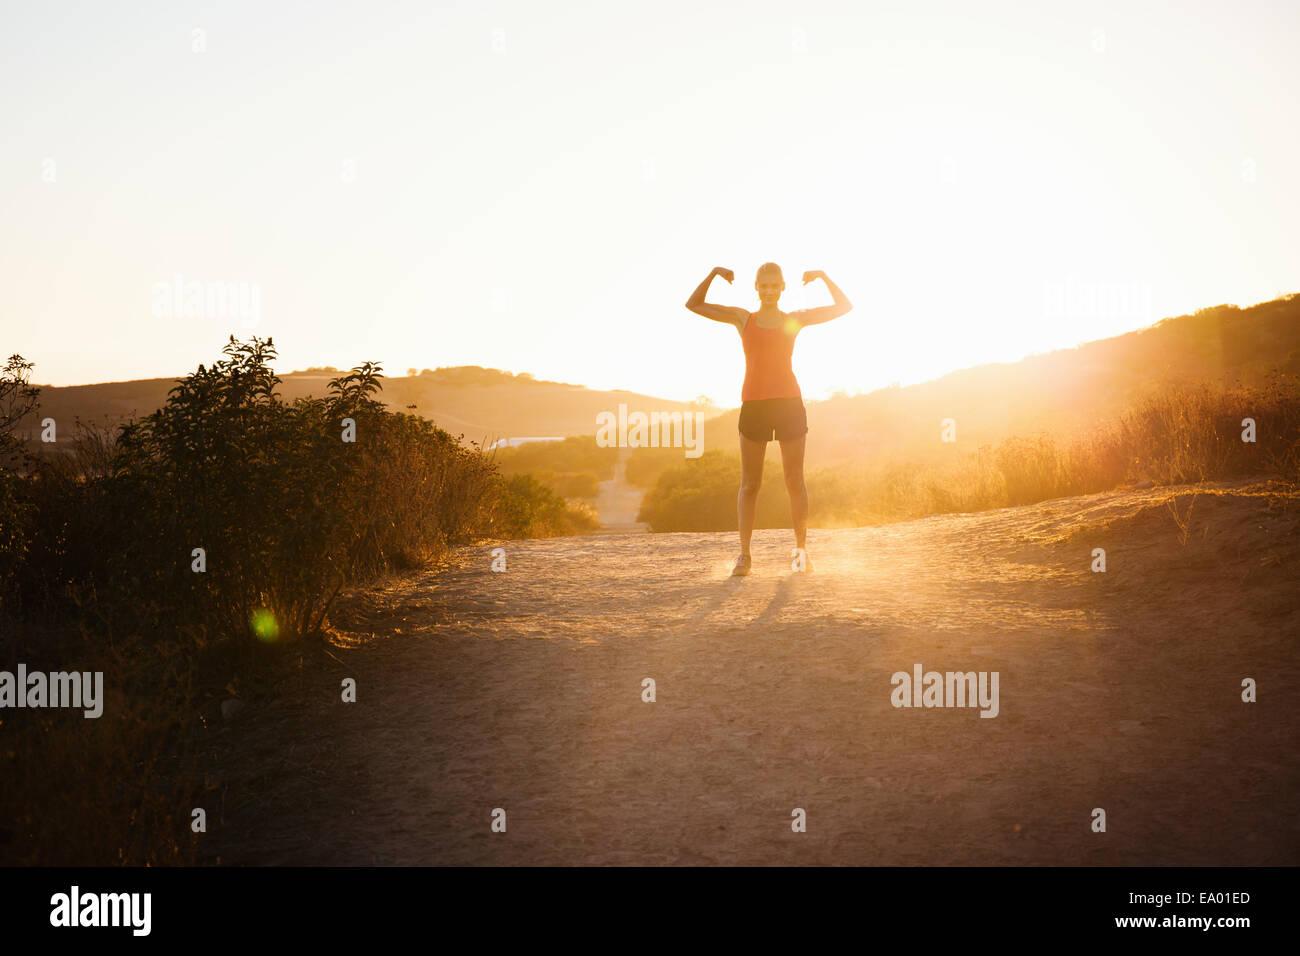 Emparejador femenino brazos de flexión en la luz del sol, Poway, CA, EE.UU. Imagen De Stock